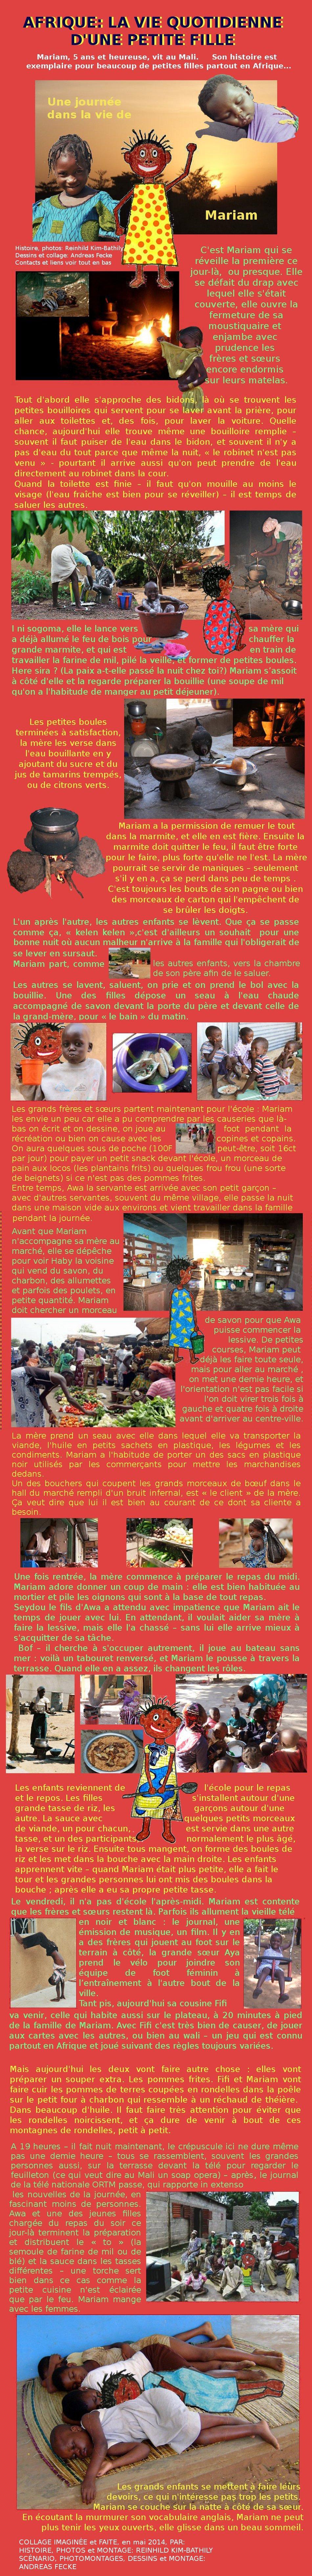 AFRIQUE, ENFANTS:  Conte d'une journée d'une petite fille